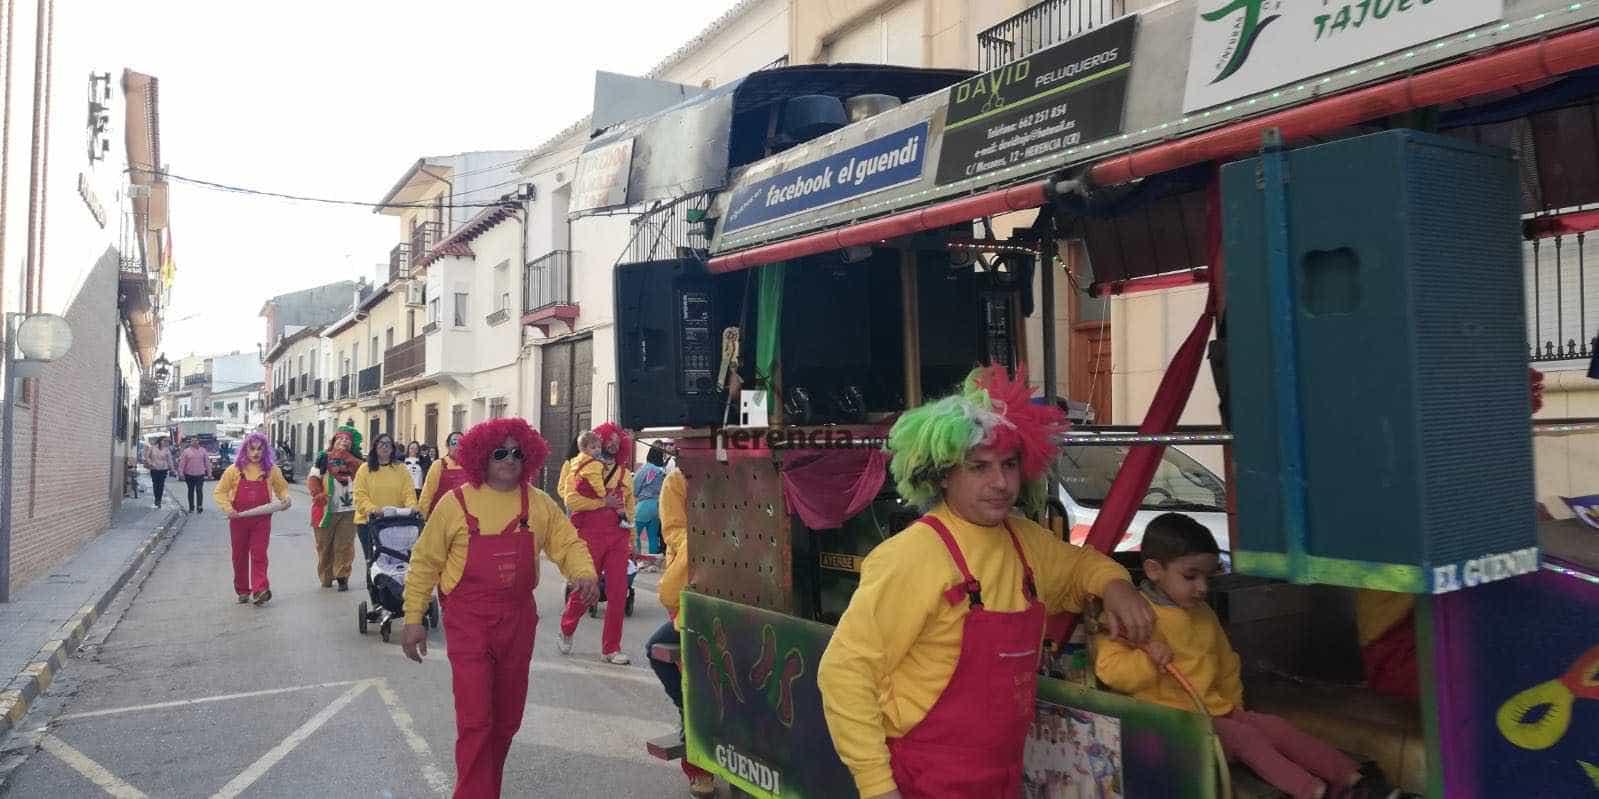 Carnaval herencia 2020 pasacalles domingo deseosas 6 - El Domingo de las Deseosas invita a todo el mundo al Carnaval de Herencia